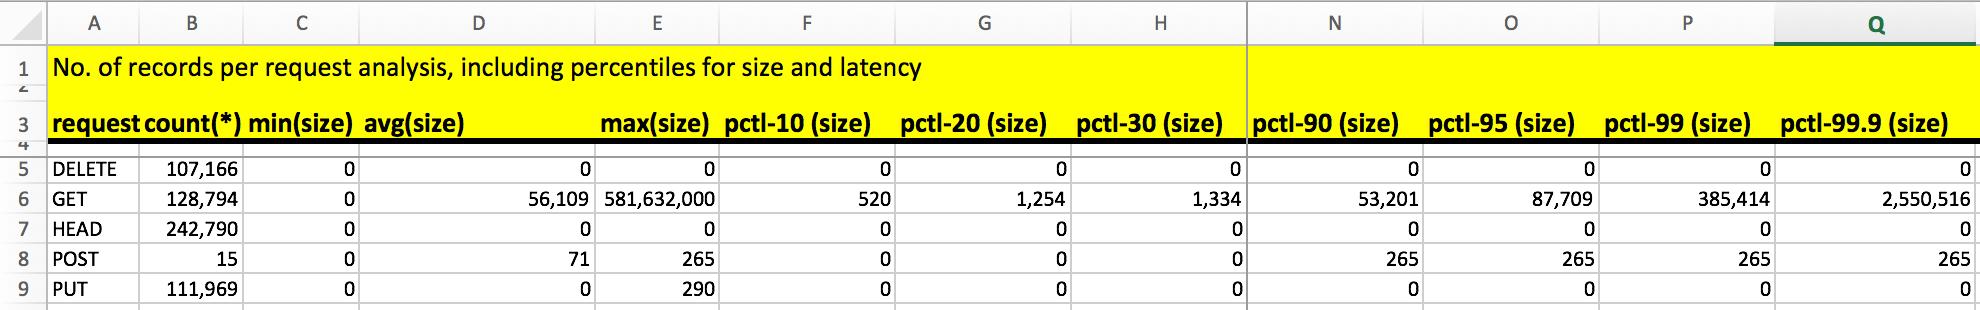 src/docs/source/_static/knwldg_percentile_.png